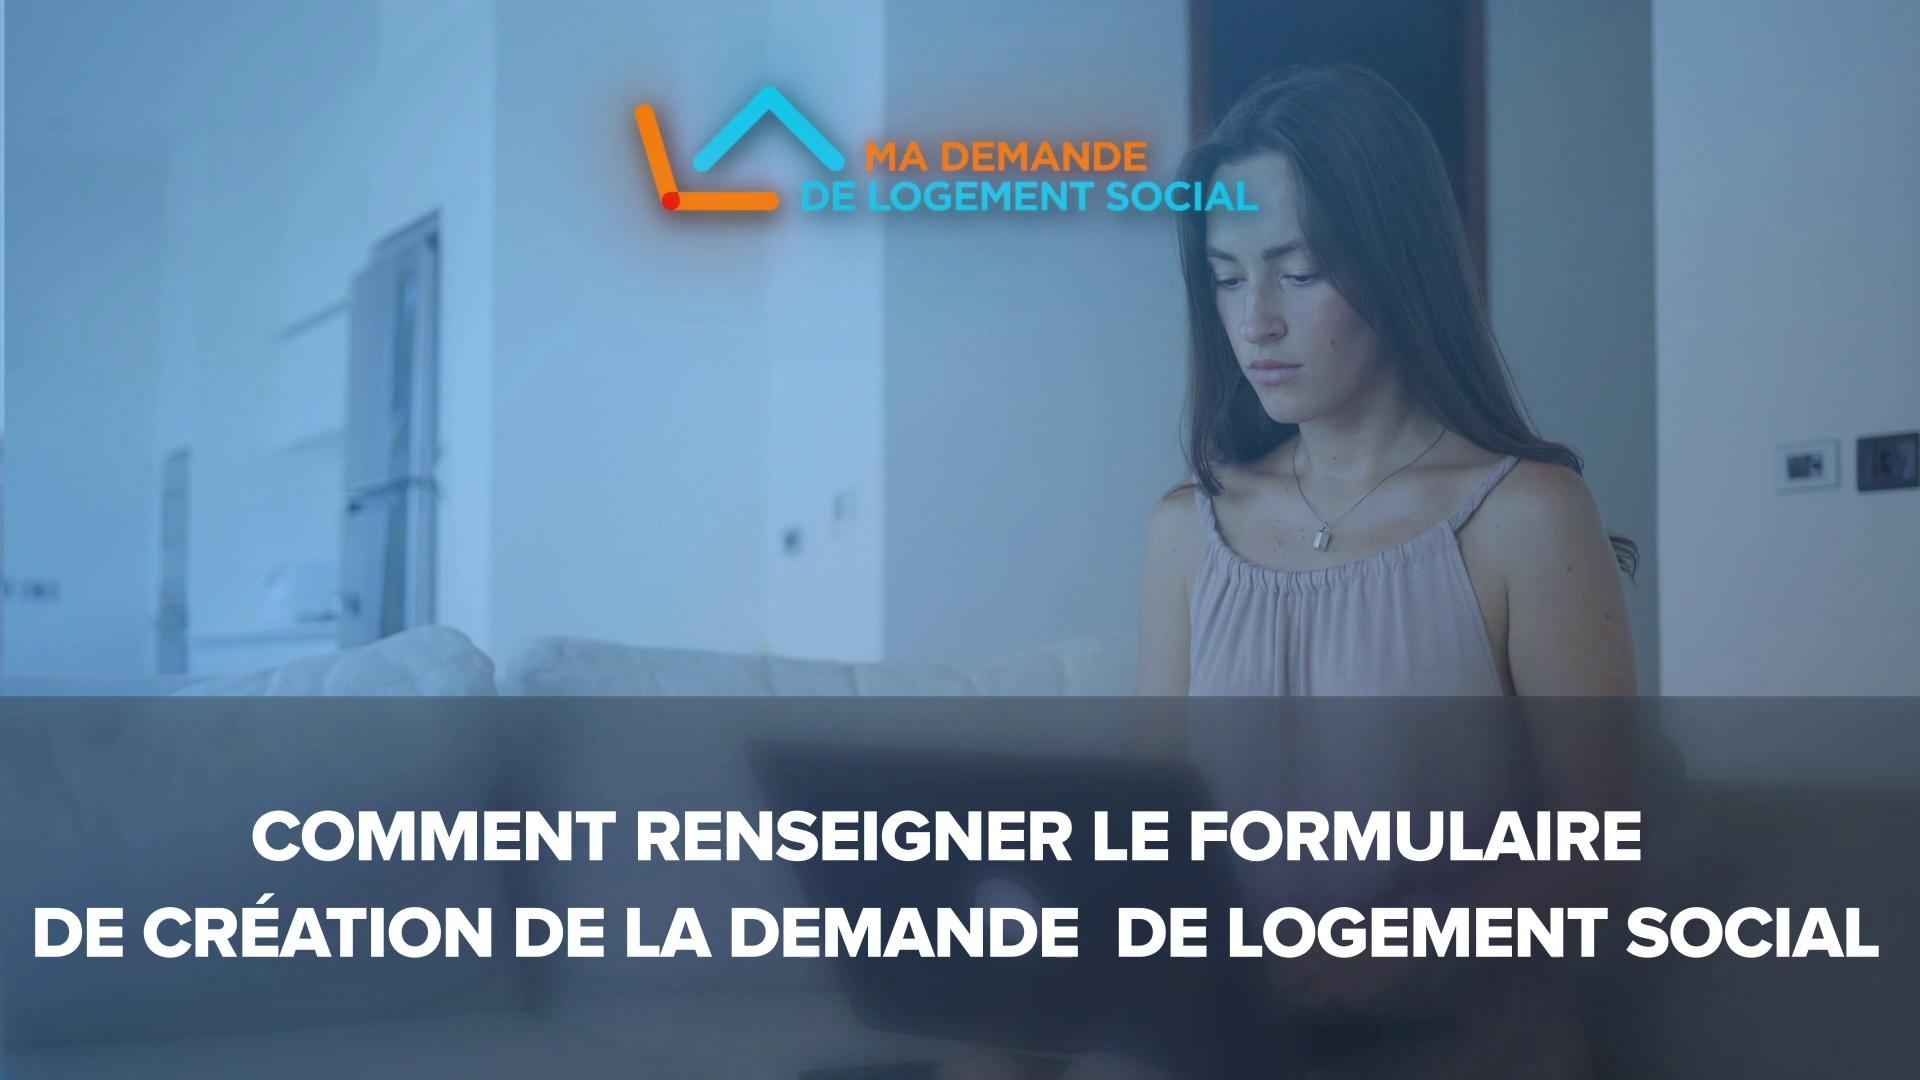 Dailymotion Video: [Tuto3] Créer une demande de logement social sur www.demande-logement-social.gouv.fr